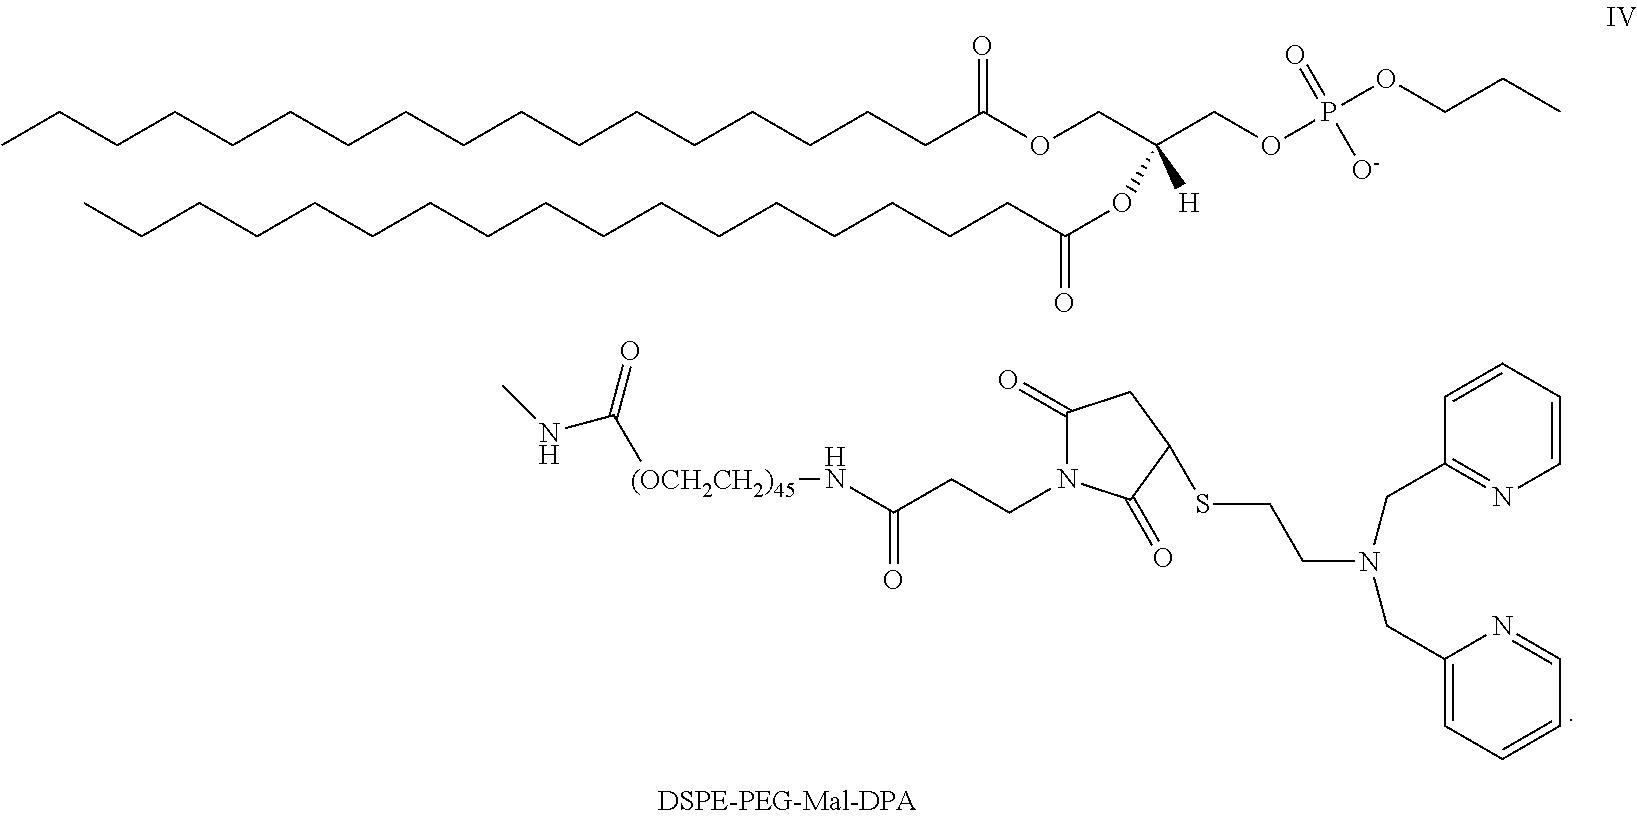 Figure US09901616-20180227-C00004